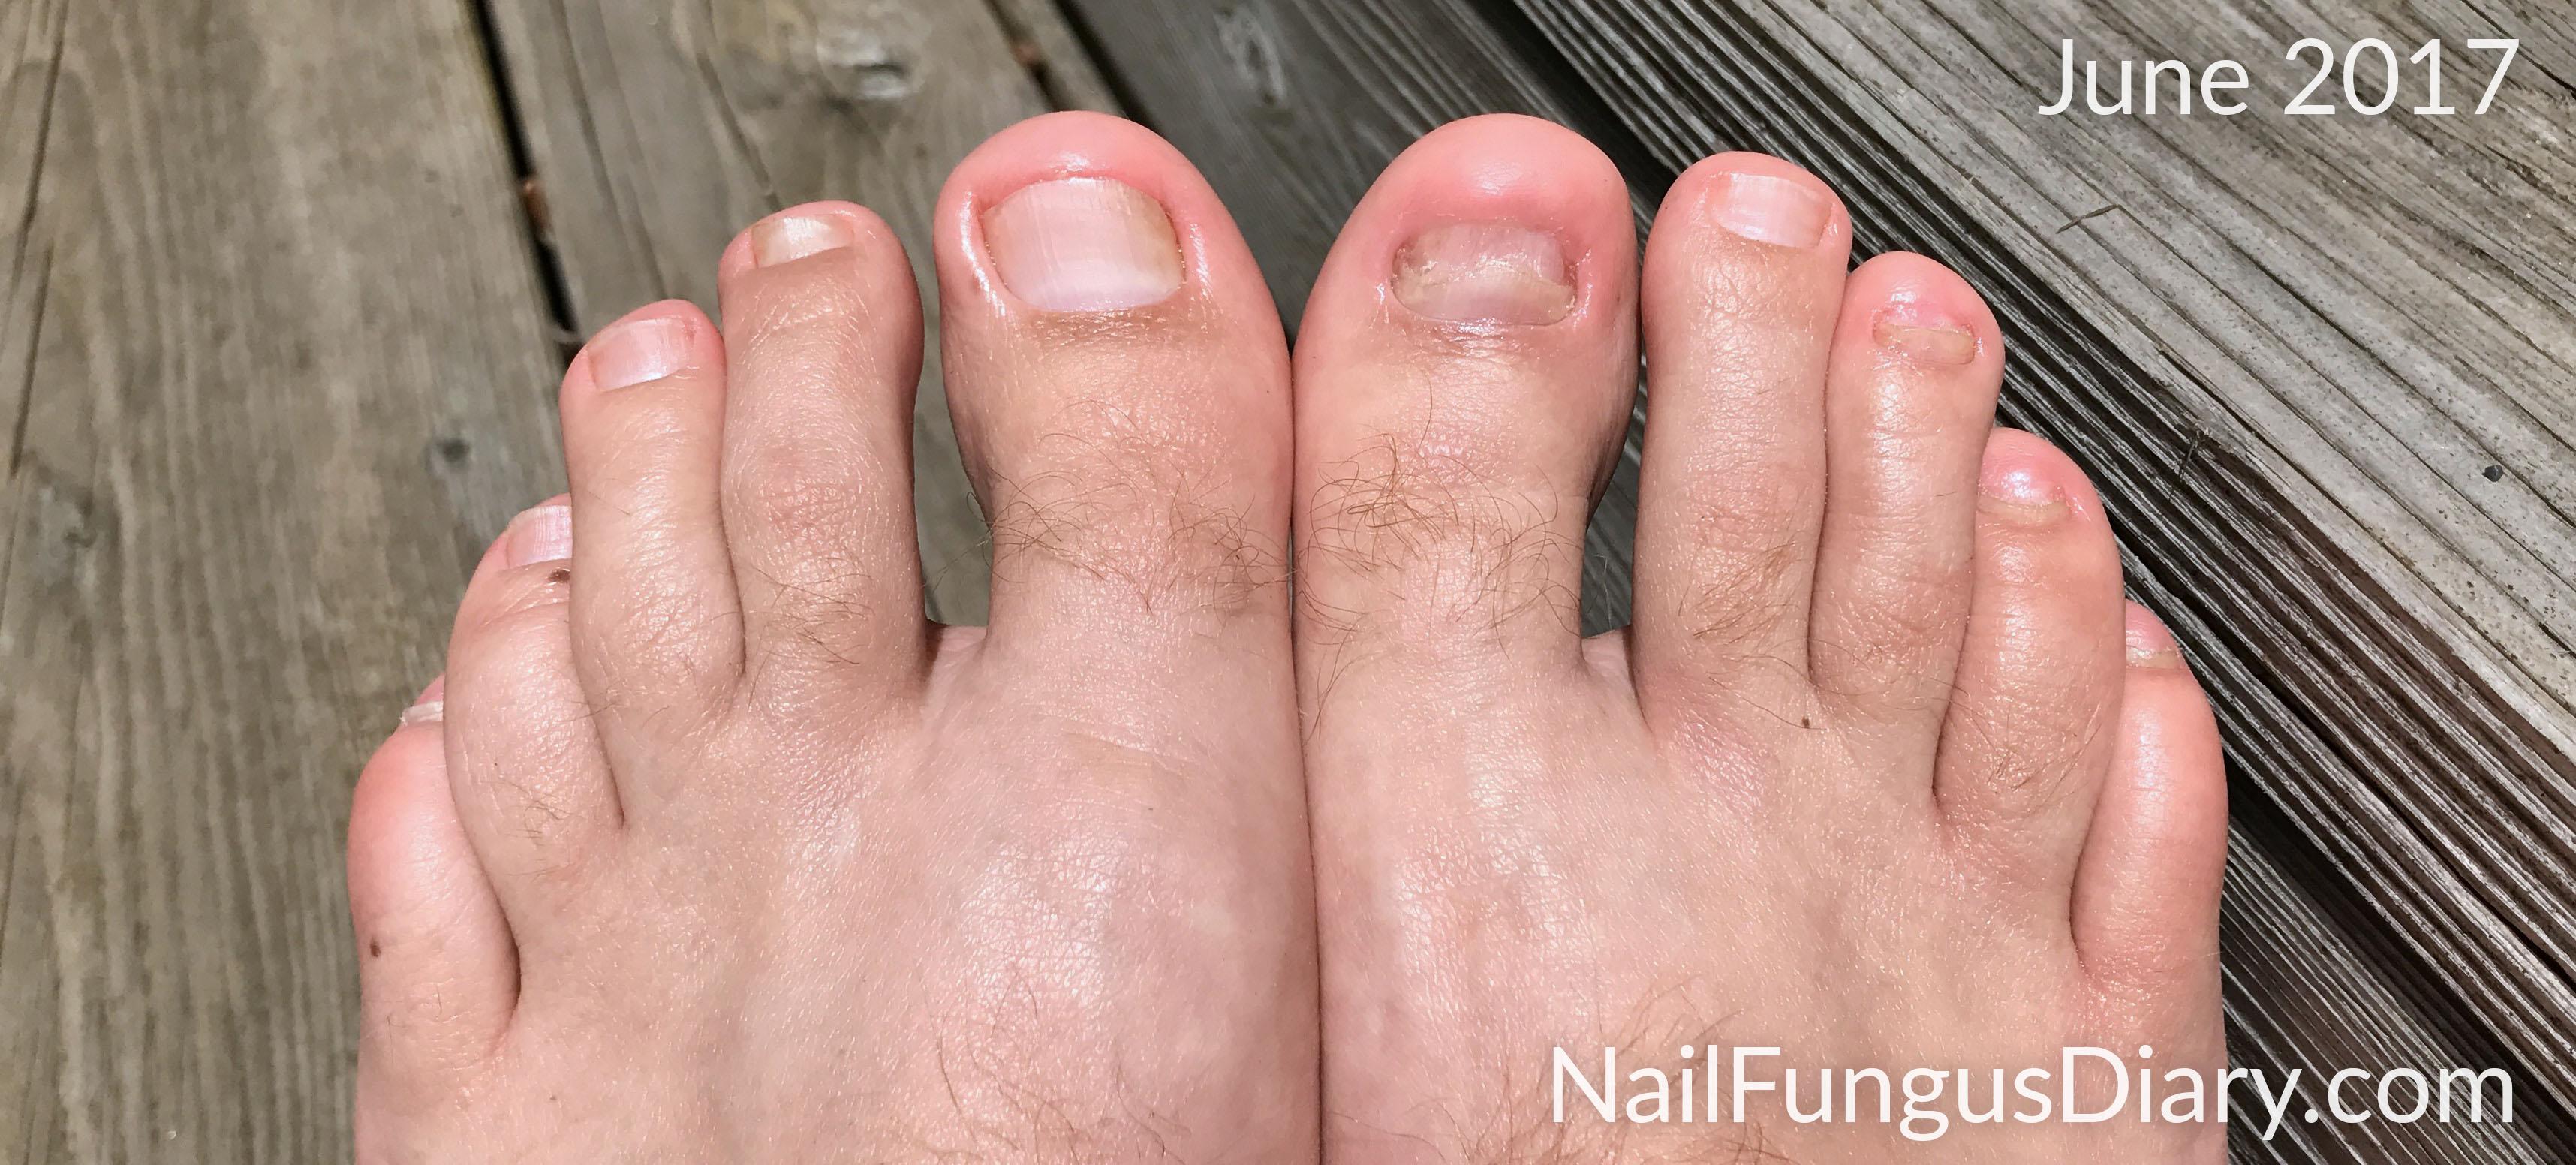 Nail Fungus Update, June 2017 - Nail